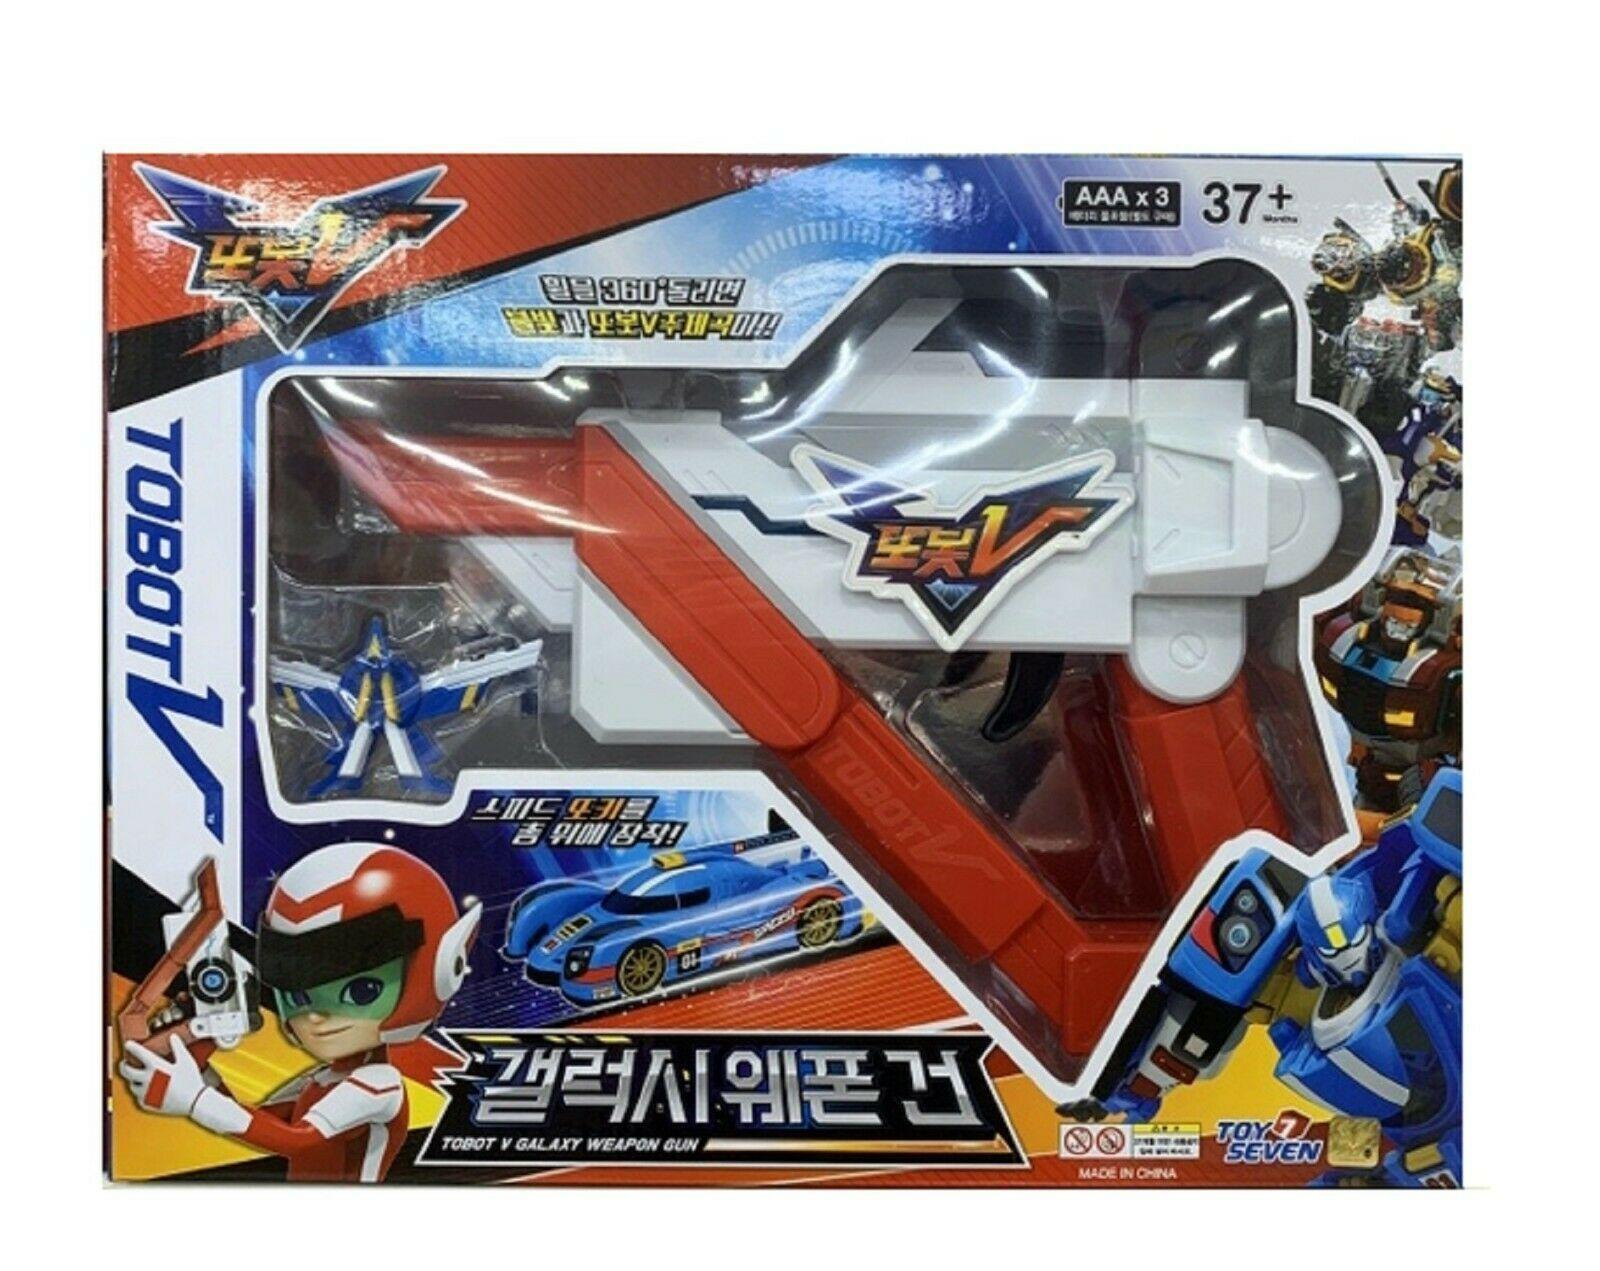 Tobot Galaxy Weapon Gun Sound Toy Gun